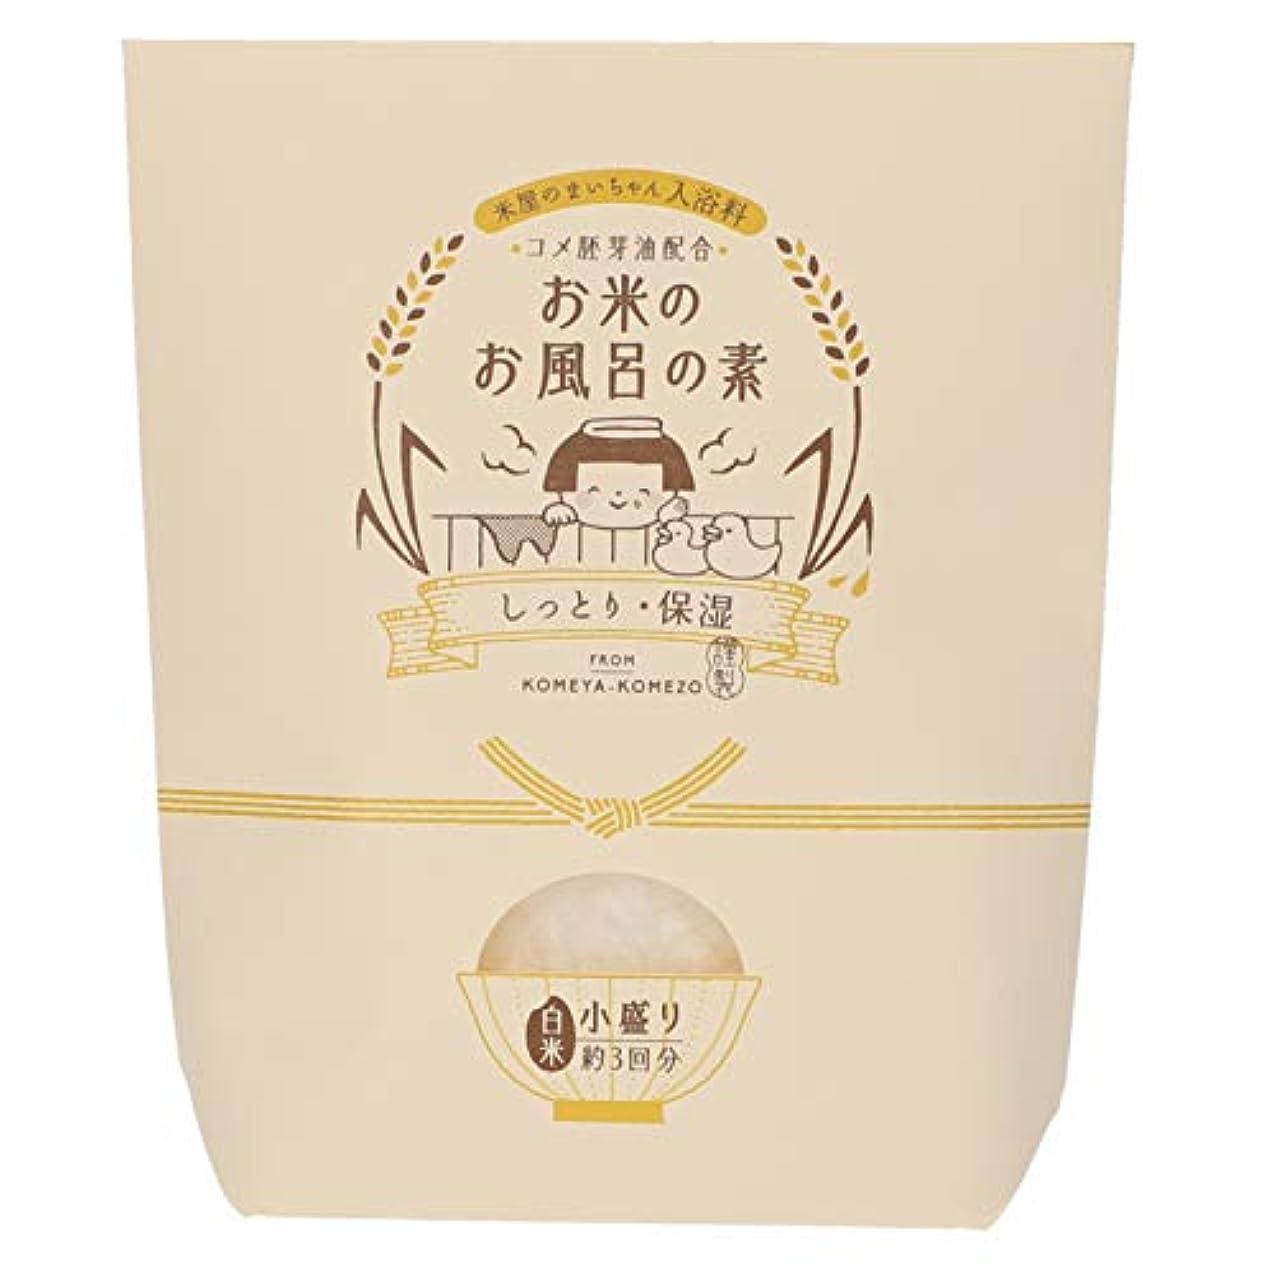 統治可能犠牲闇米屋のまいちゃん家の逸品 お米のお風呂の素 小盛り(保湿) 入浴剤 113mm×34mm×133mm